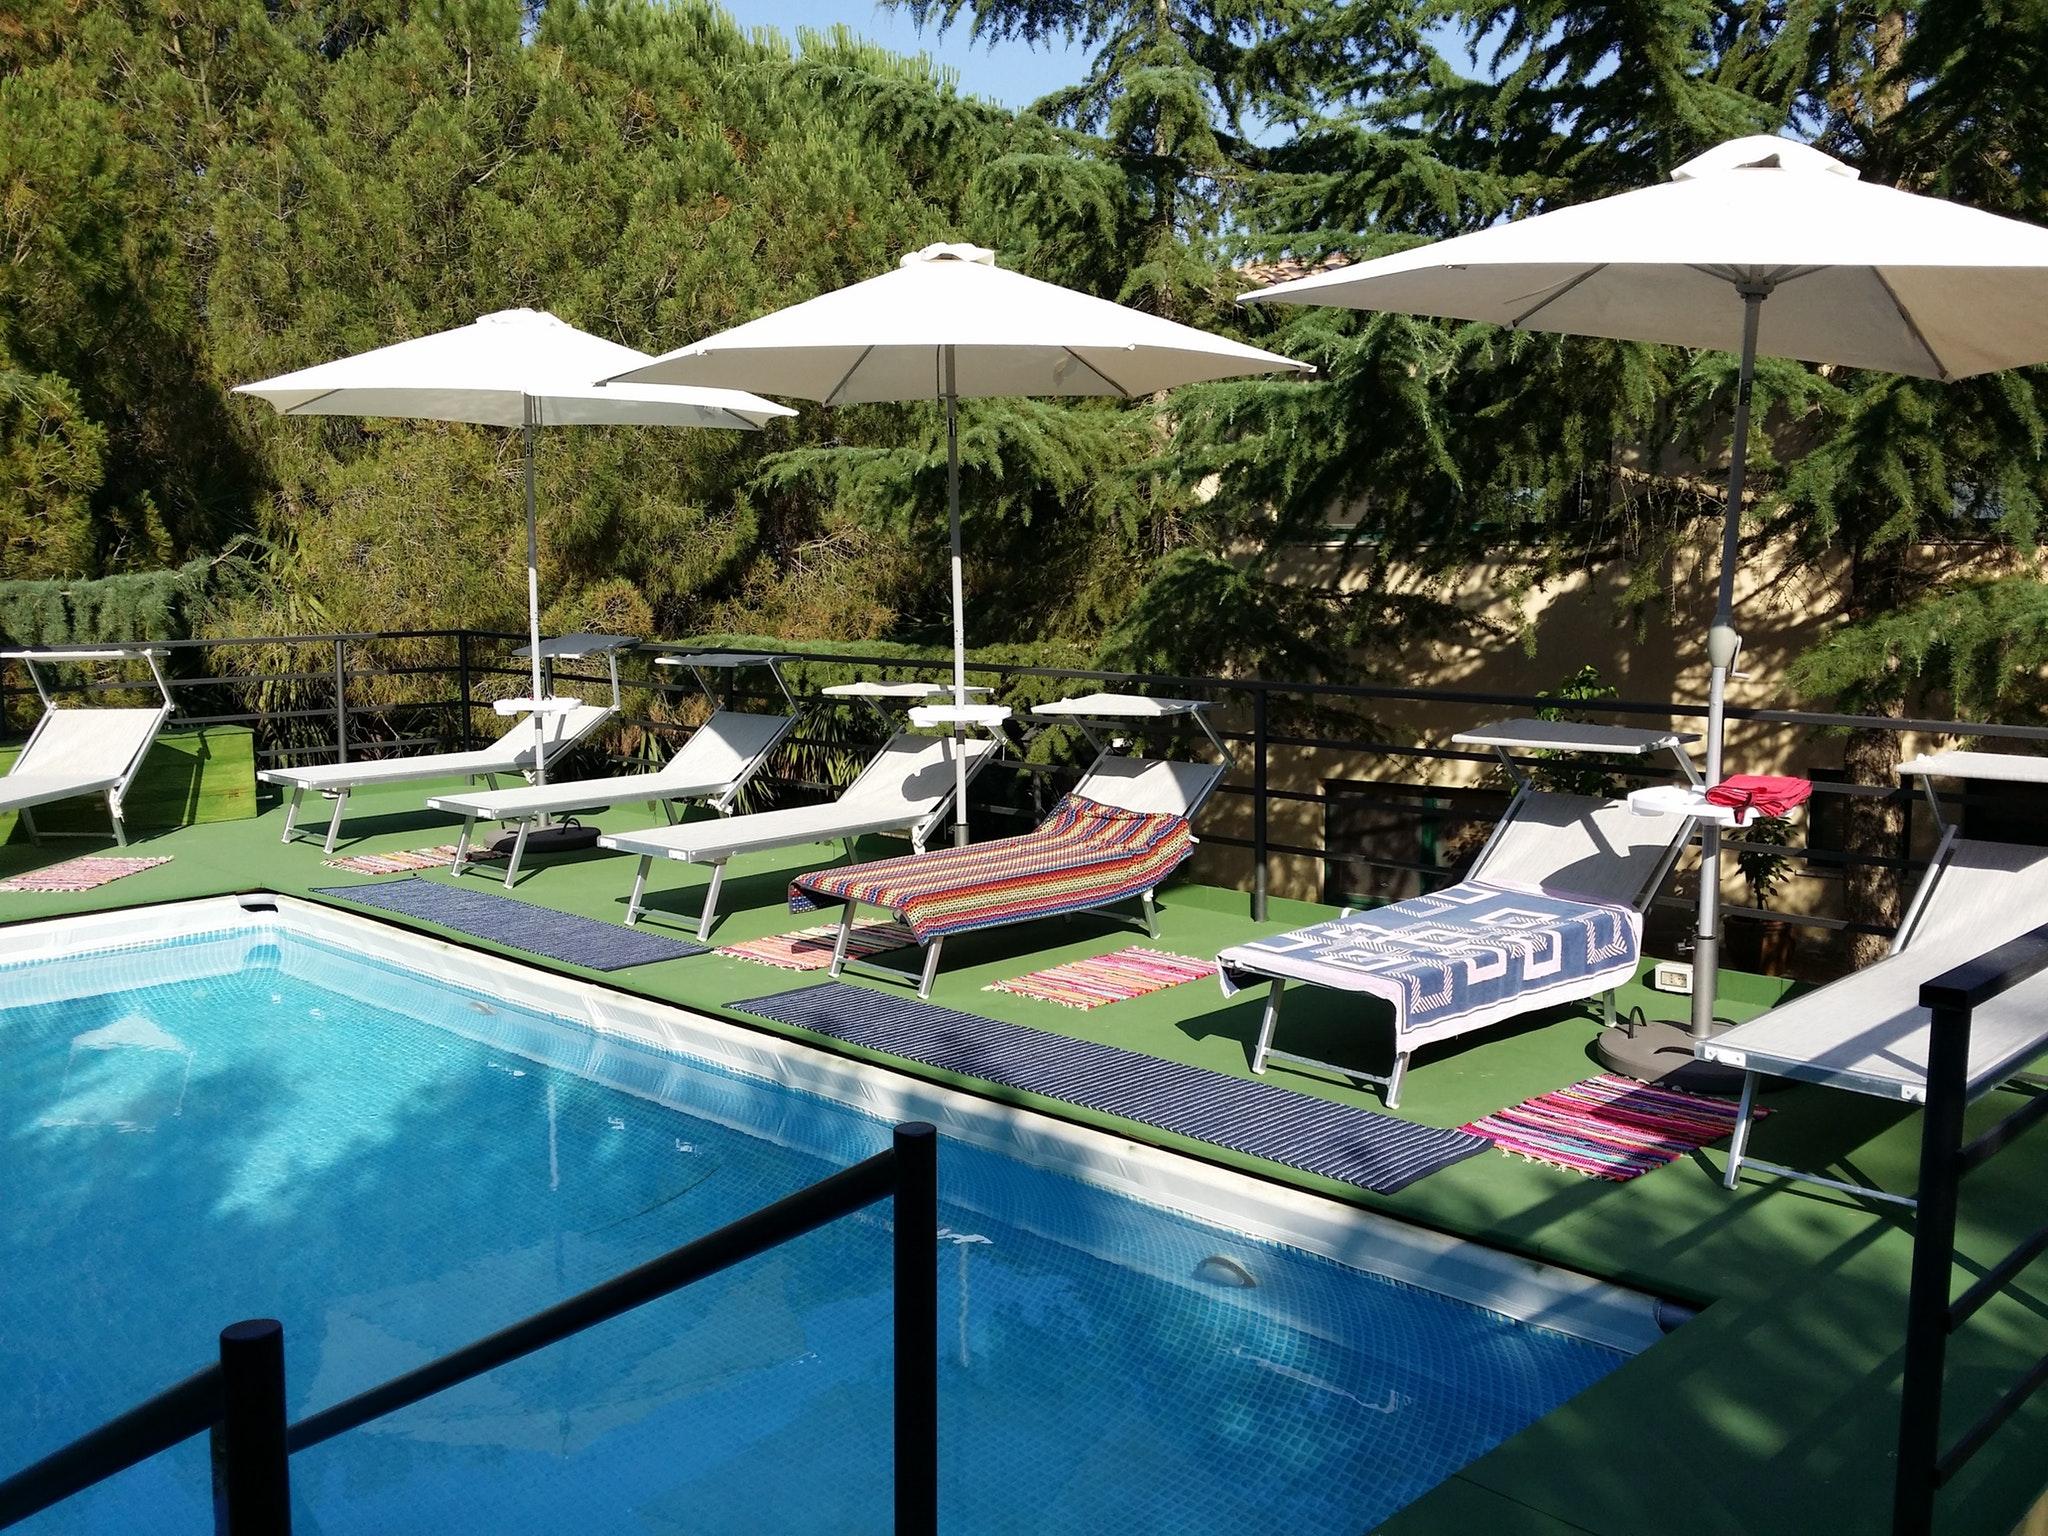 Monolocale a Modica, con accesso alla piscina, terrazza attrezzata e ...